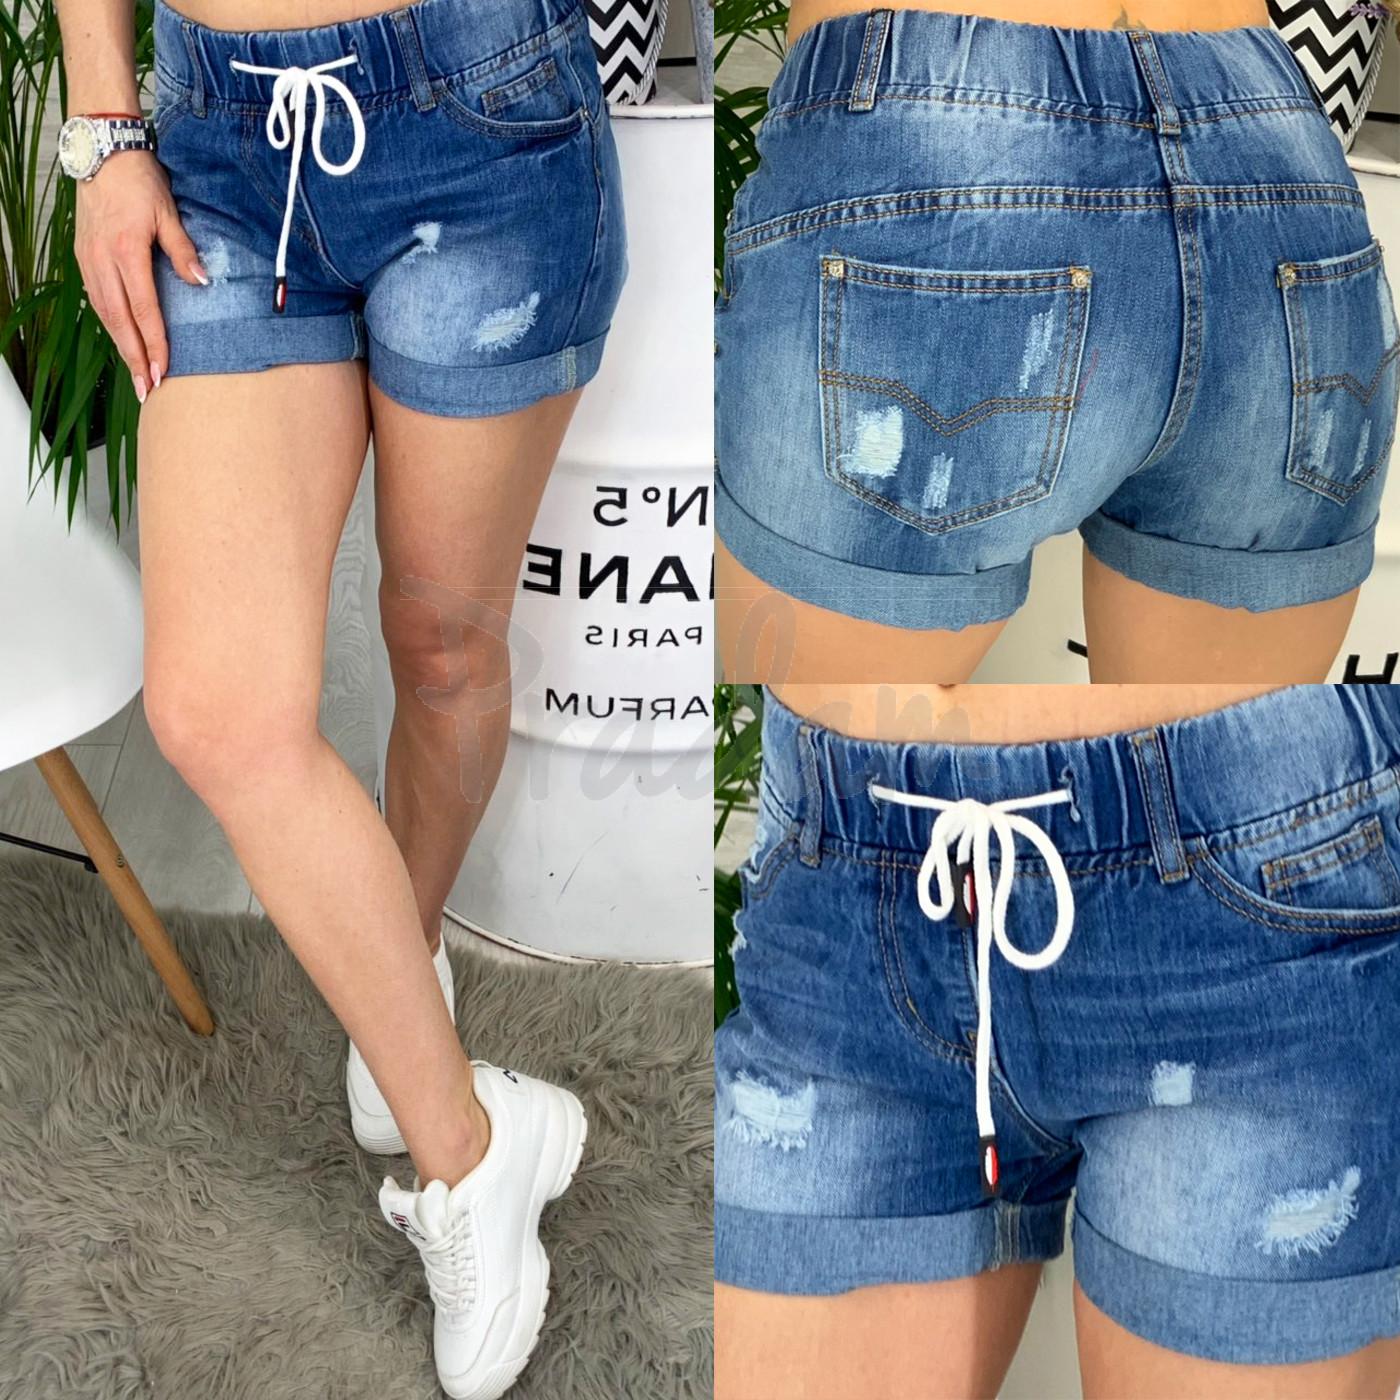 ad7c13103316 7033 New jeans шорты джинсовые женские на резинке с рванкой котоновые  (25-30, 6 ед.): артикул ...